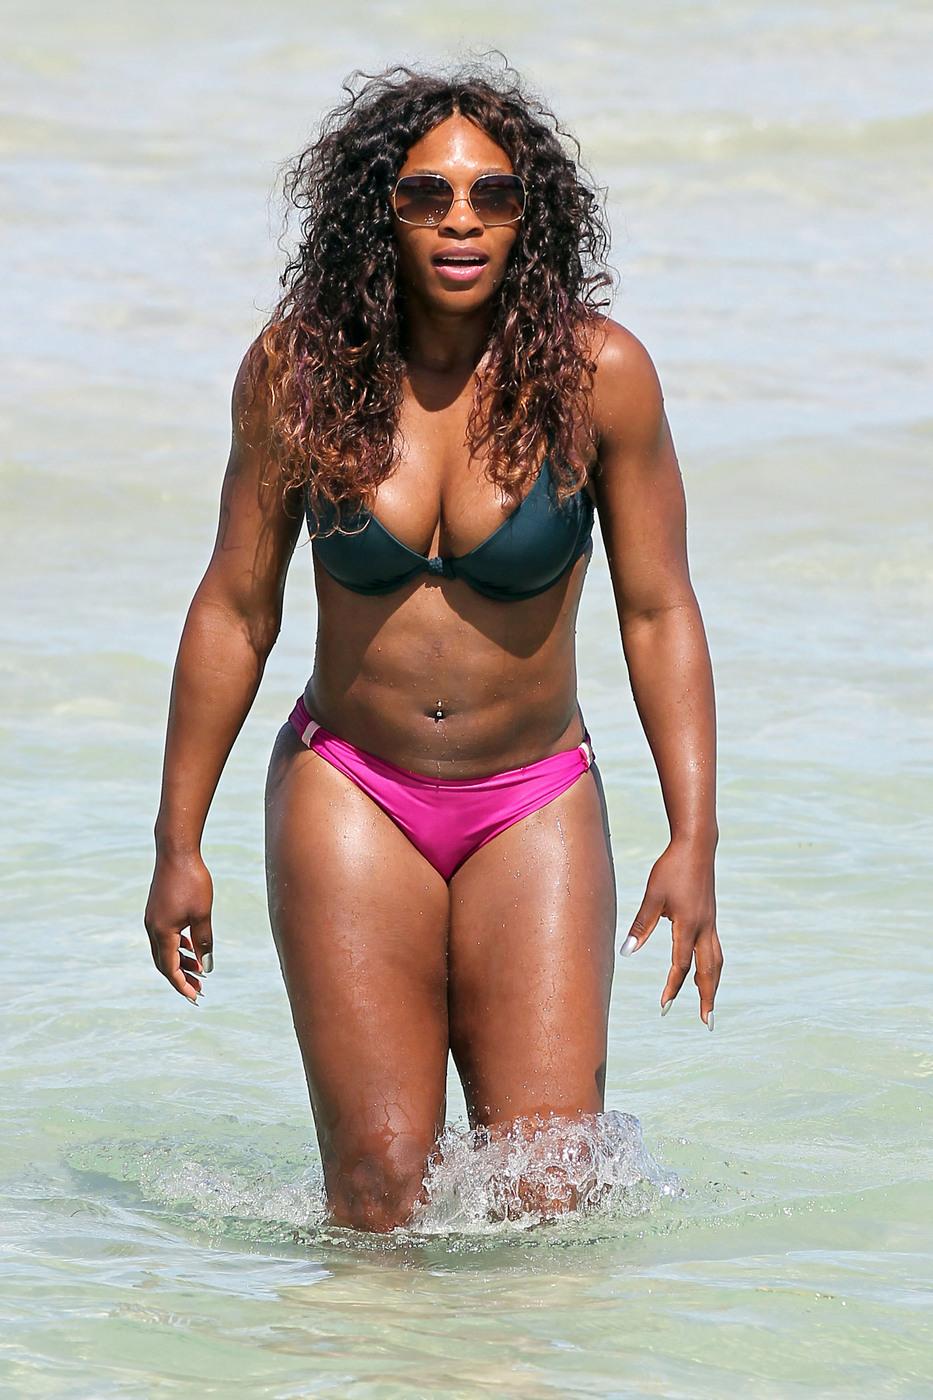 sarena williams bikini